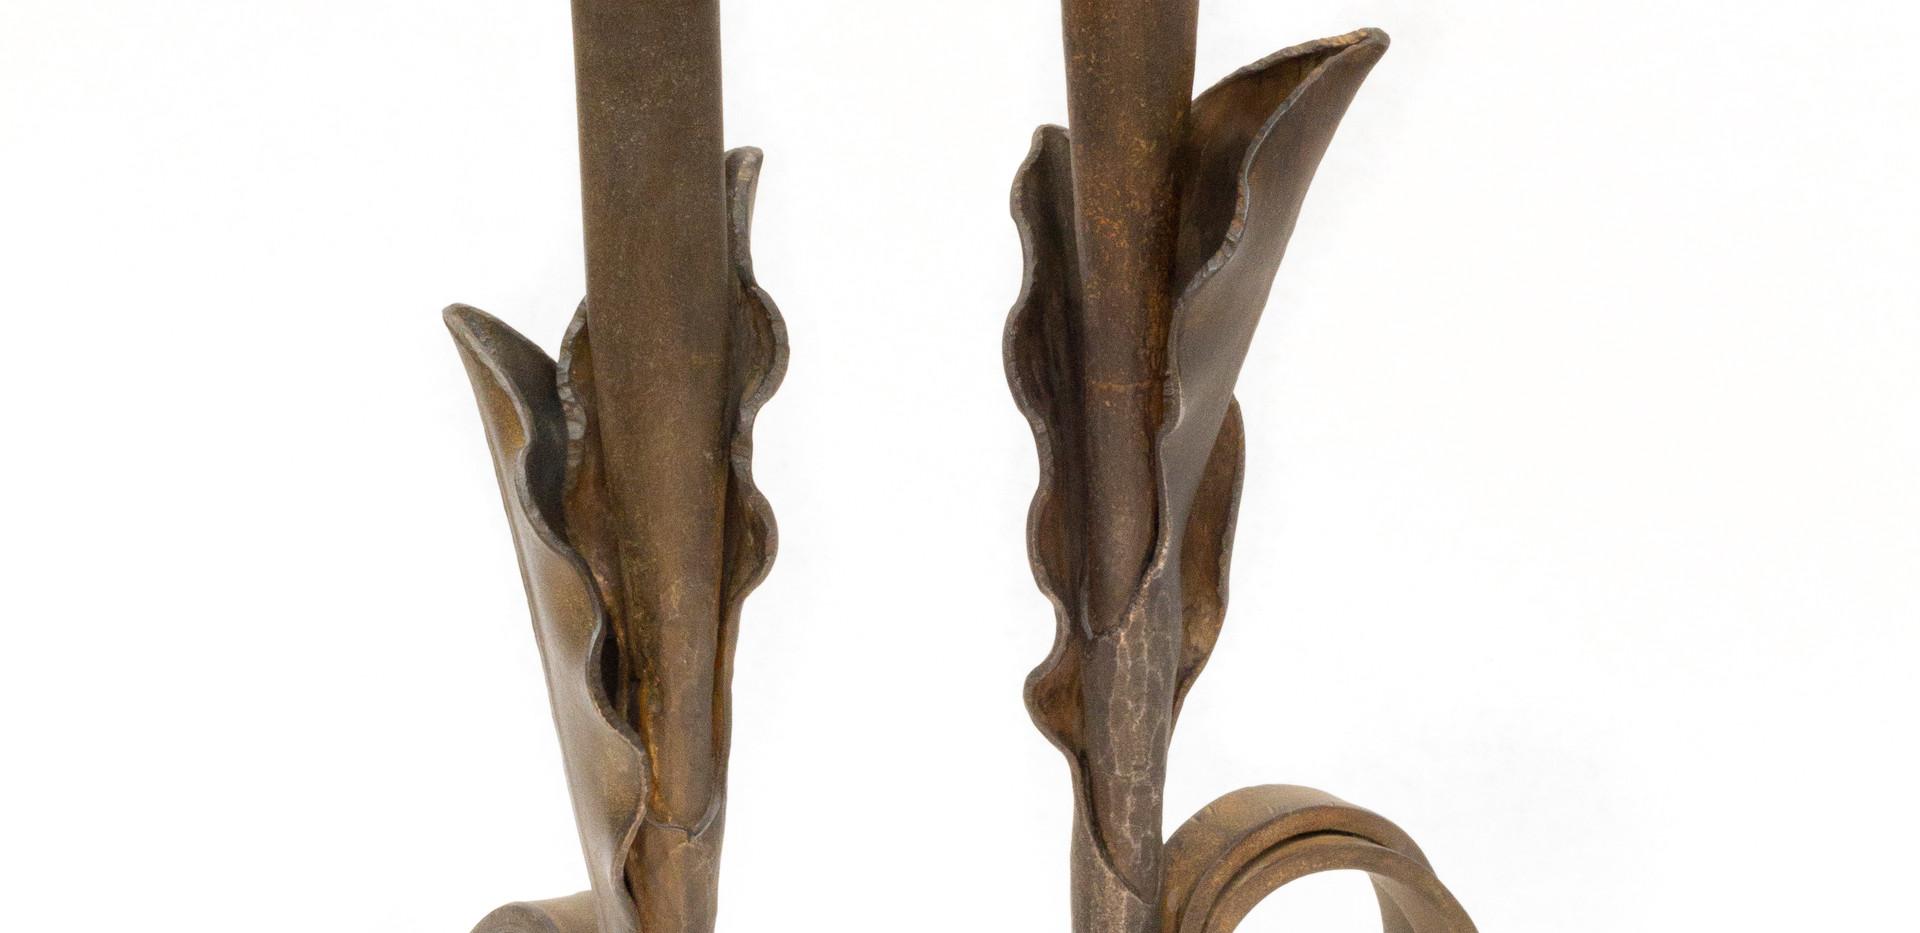 Botanical Candlesticks III